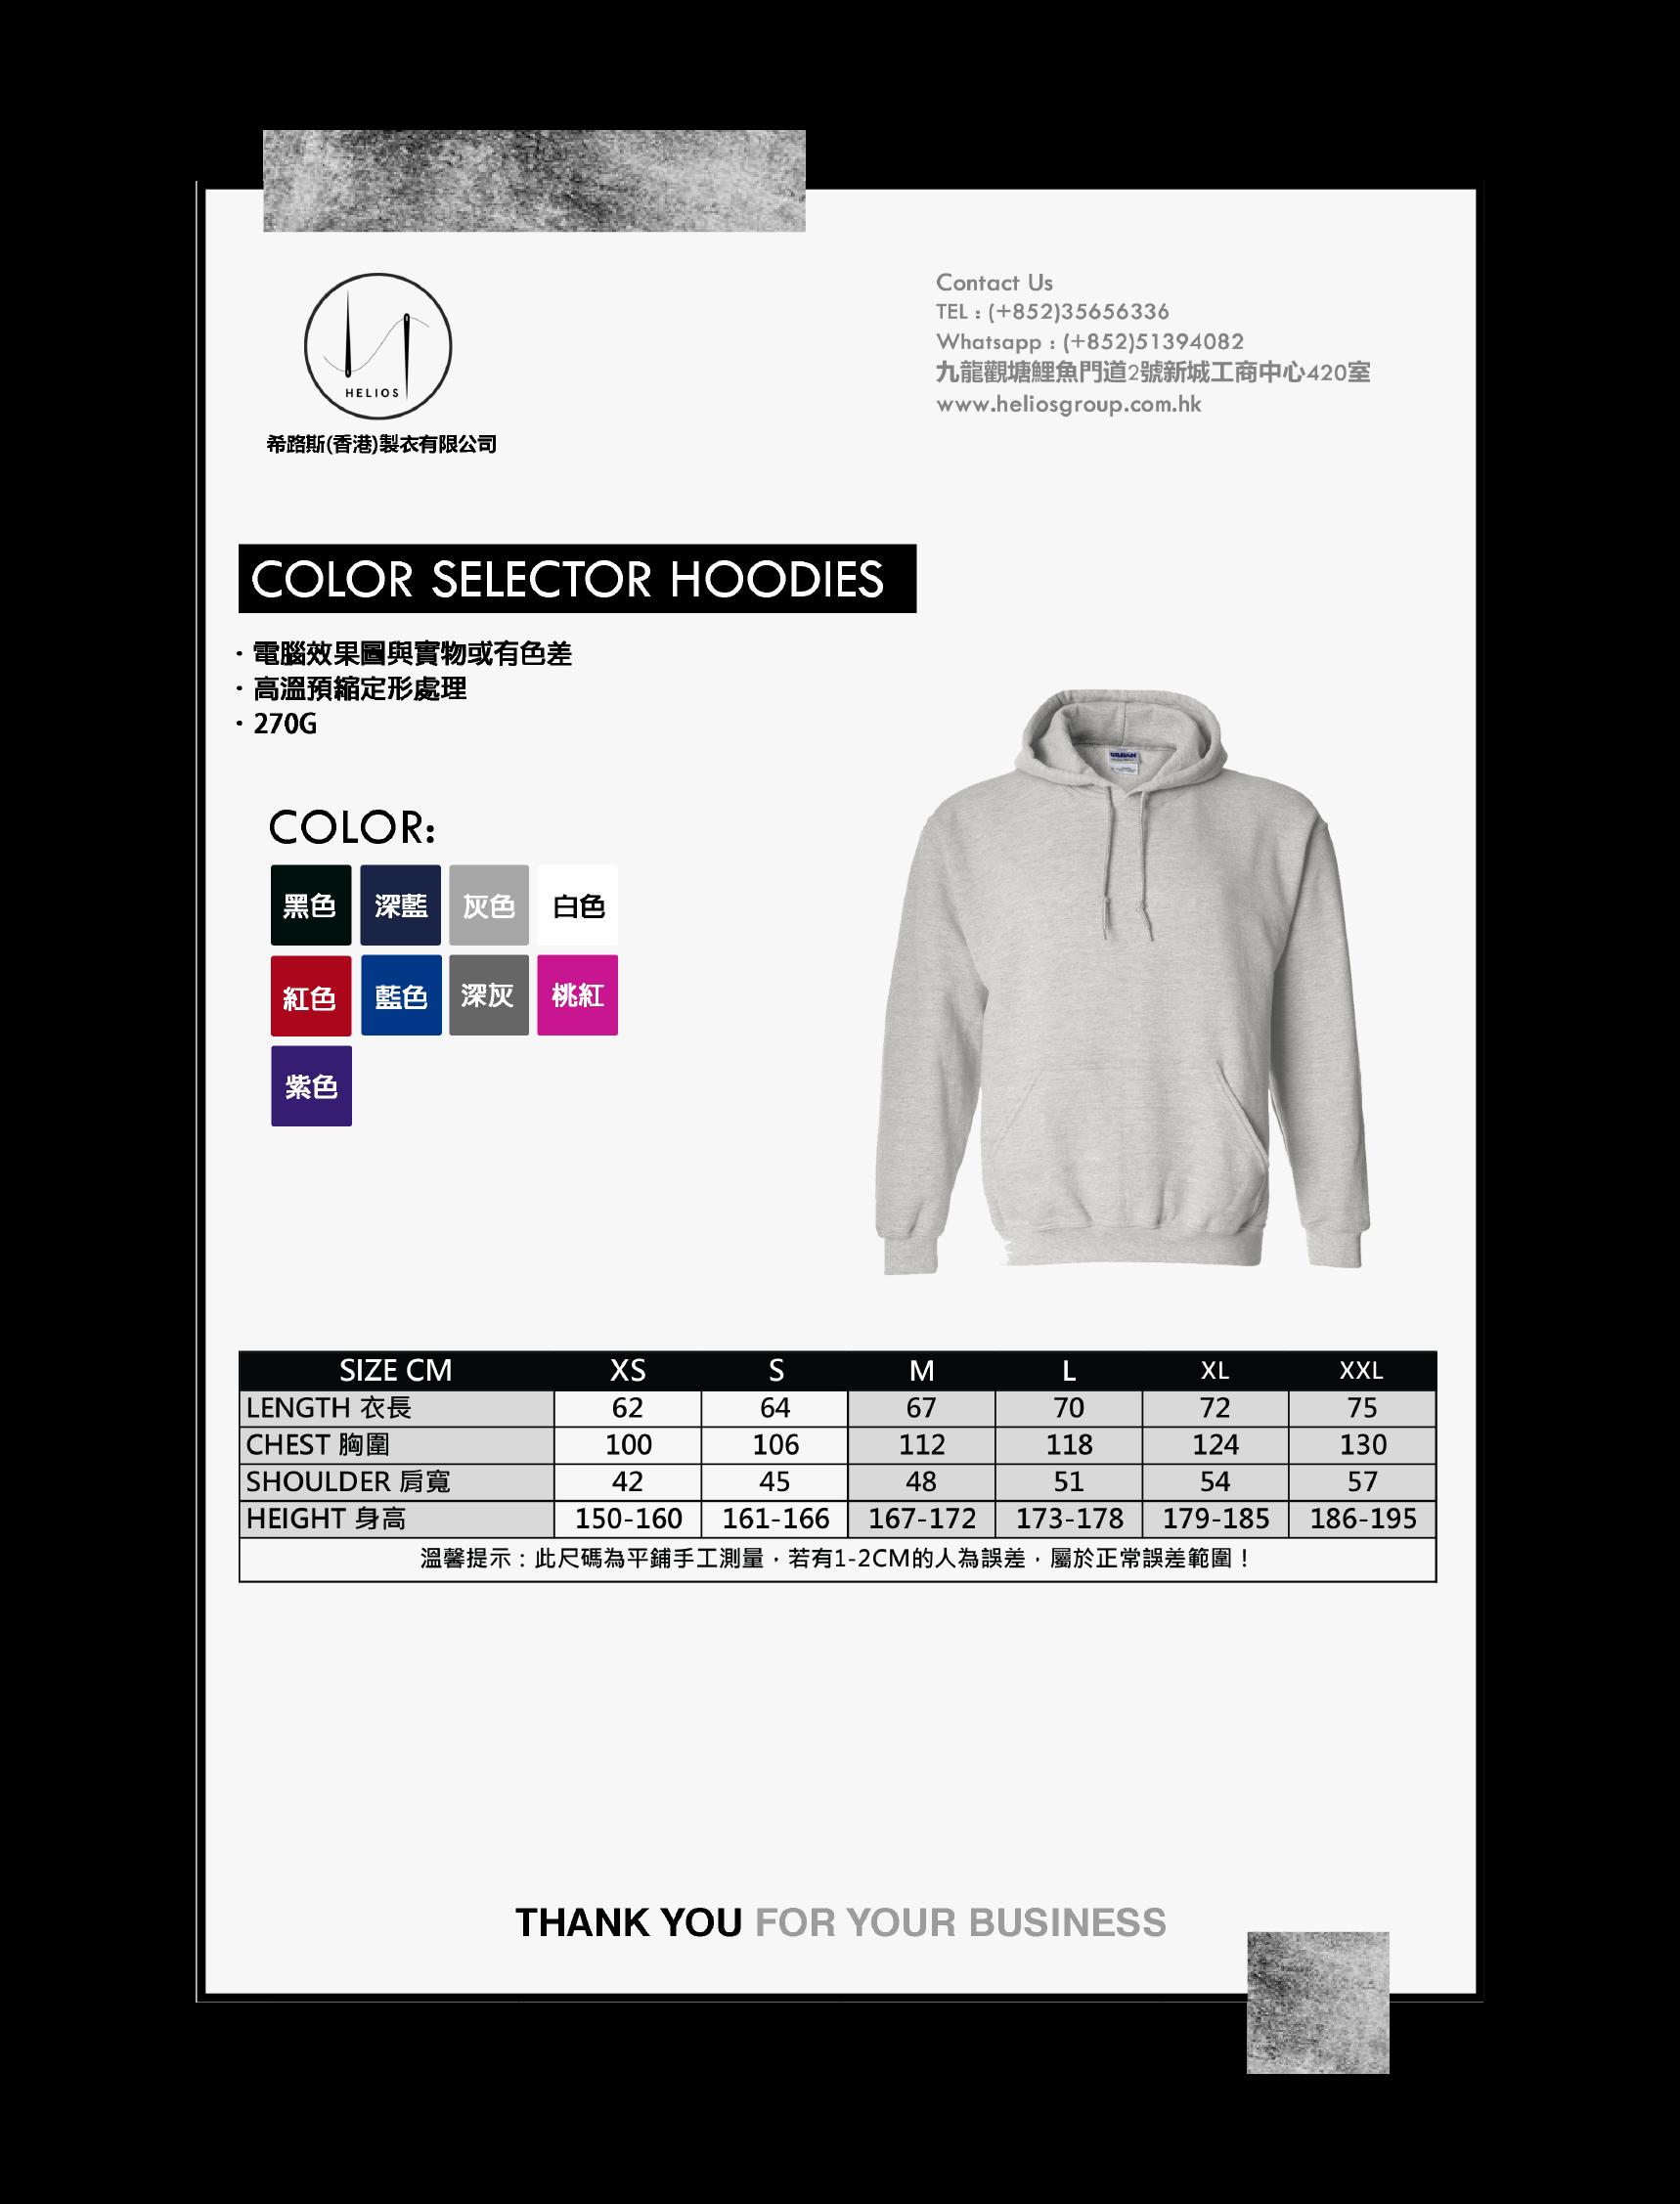 成衣 270G hoodie 尺碼表